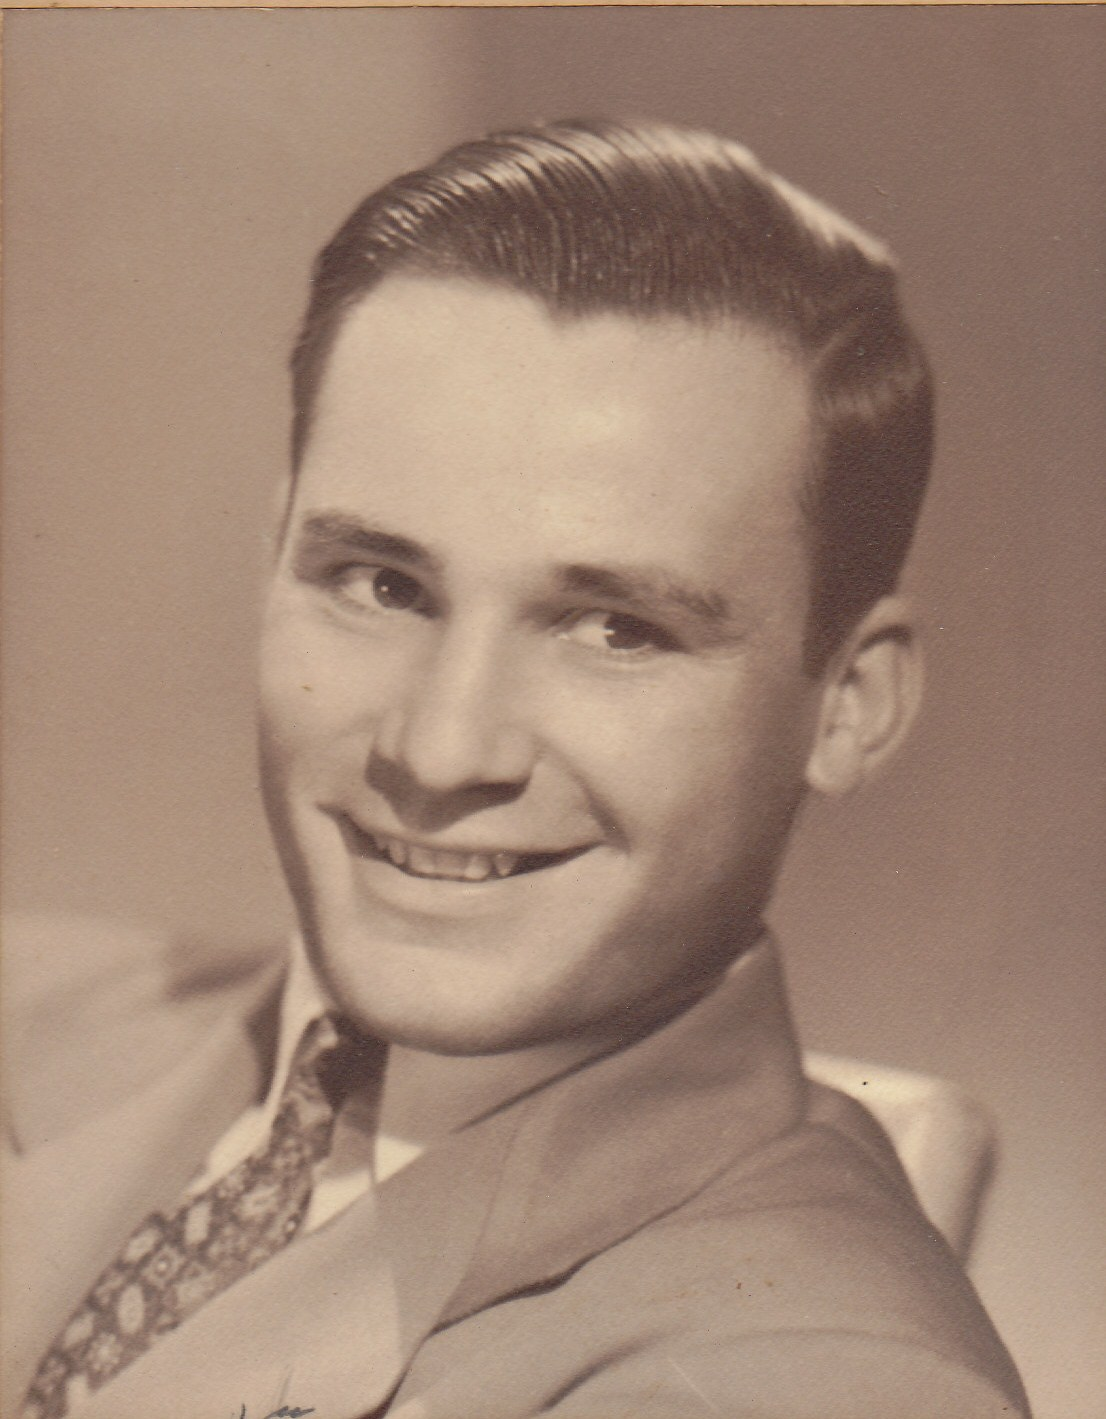 Roy Barrett